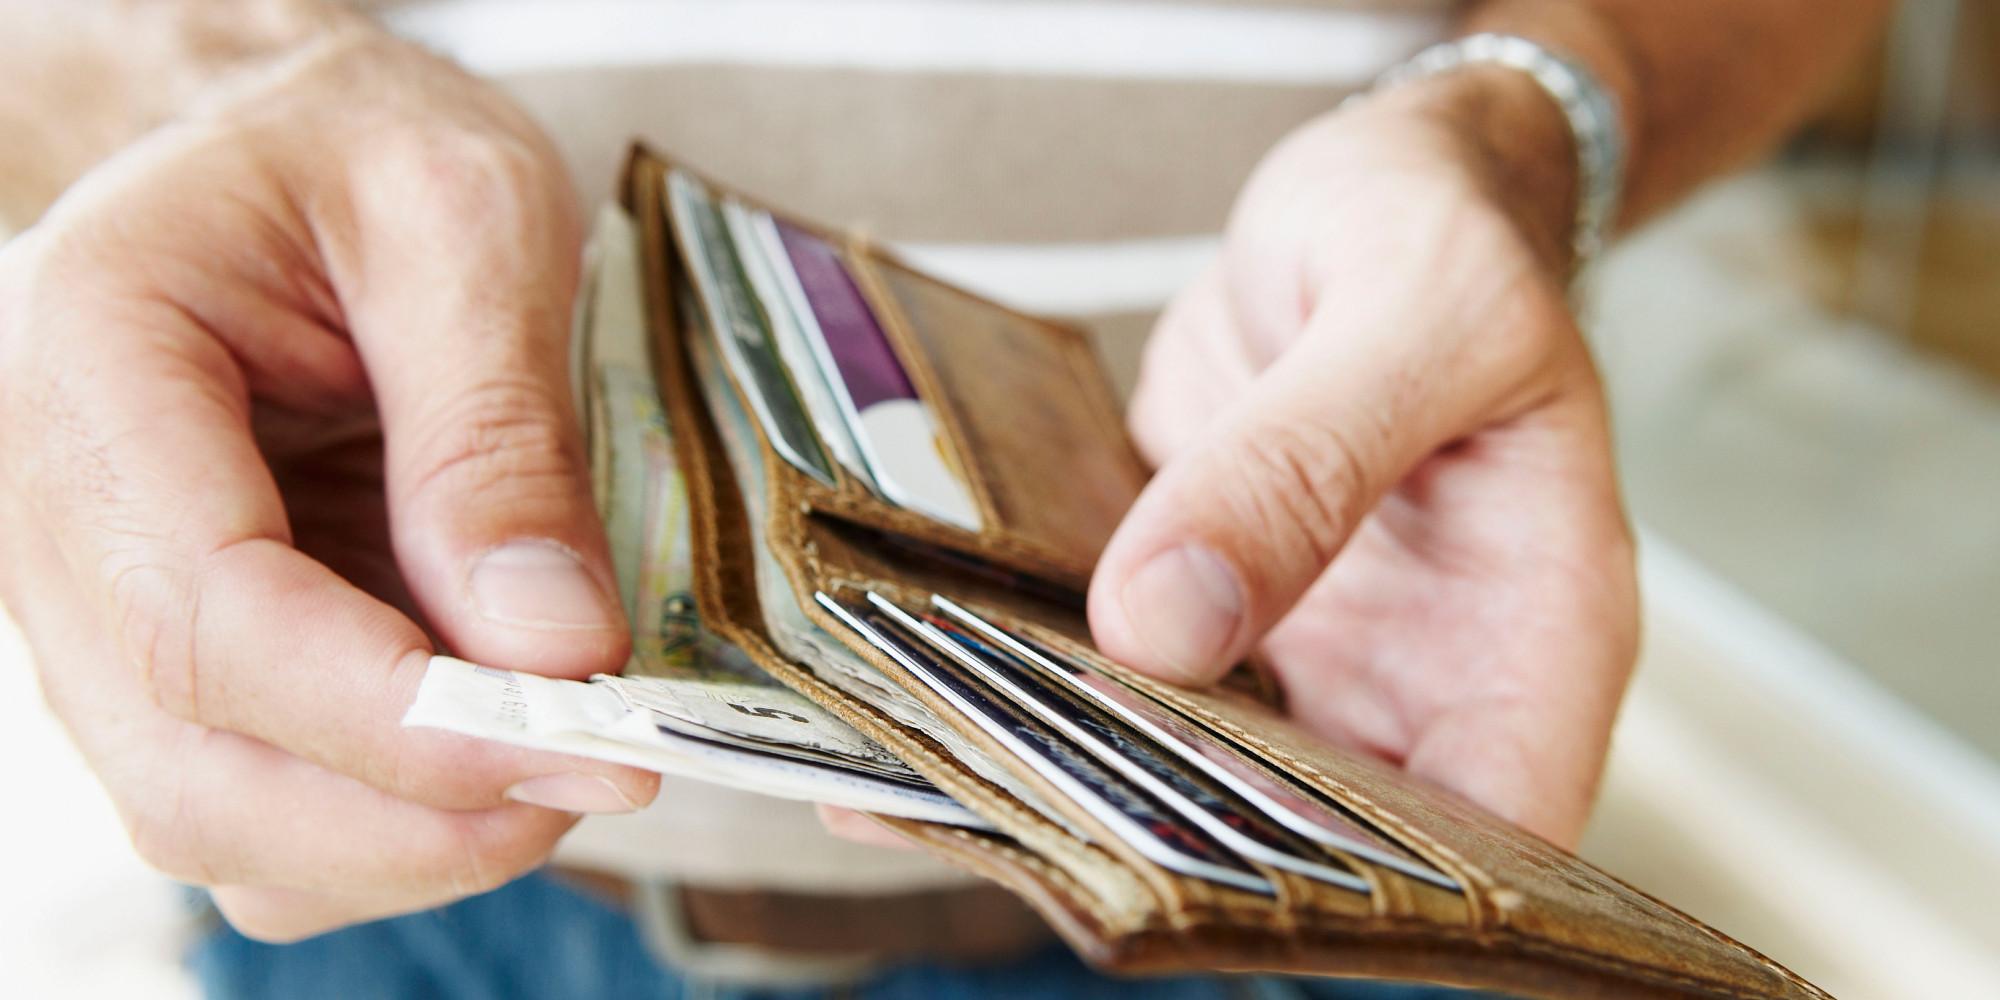 деньги кредитки в кошельке